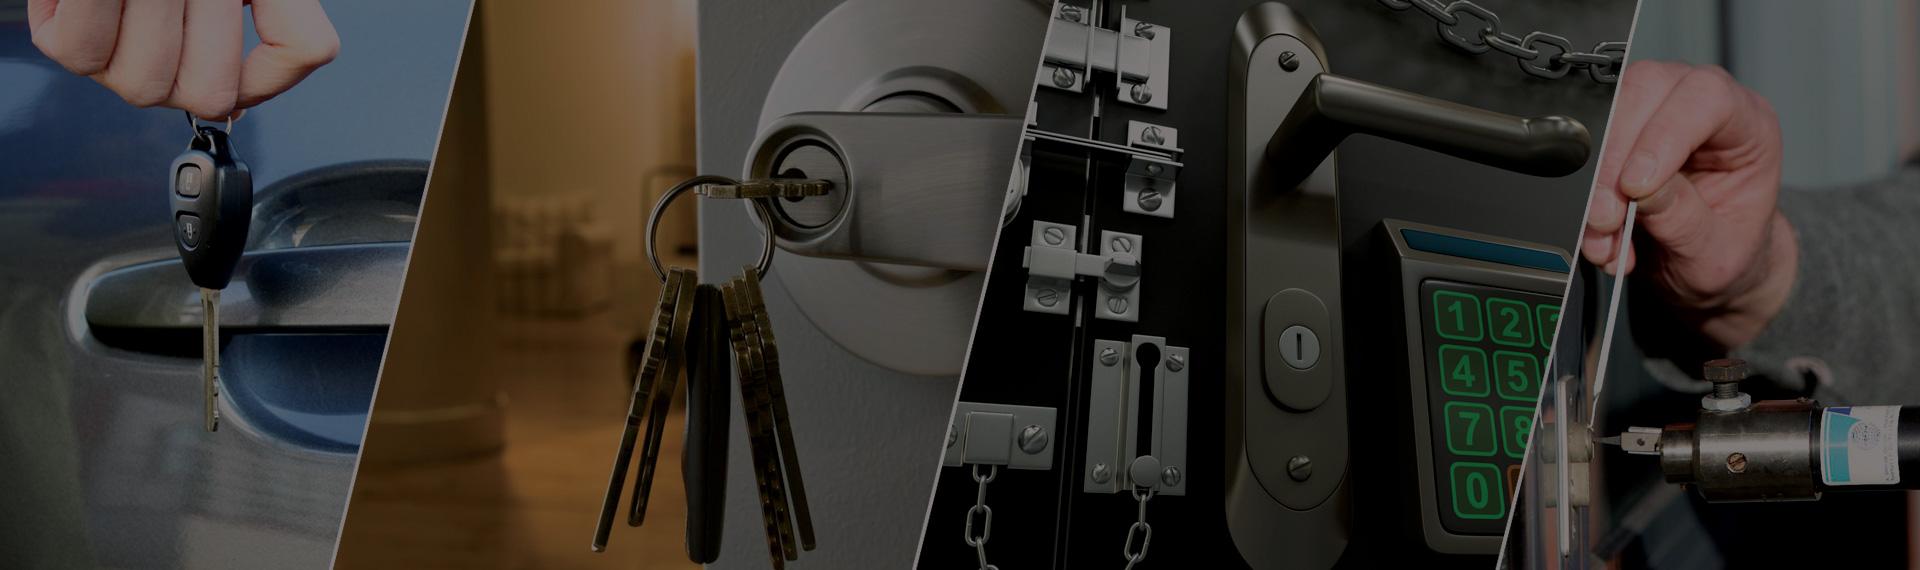 A 24 Hours Emergency Locksmith Peekskill NY